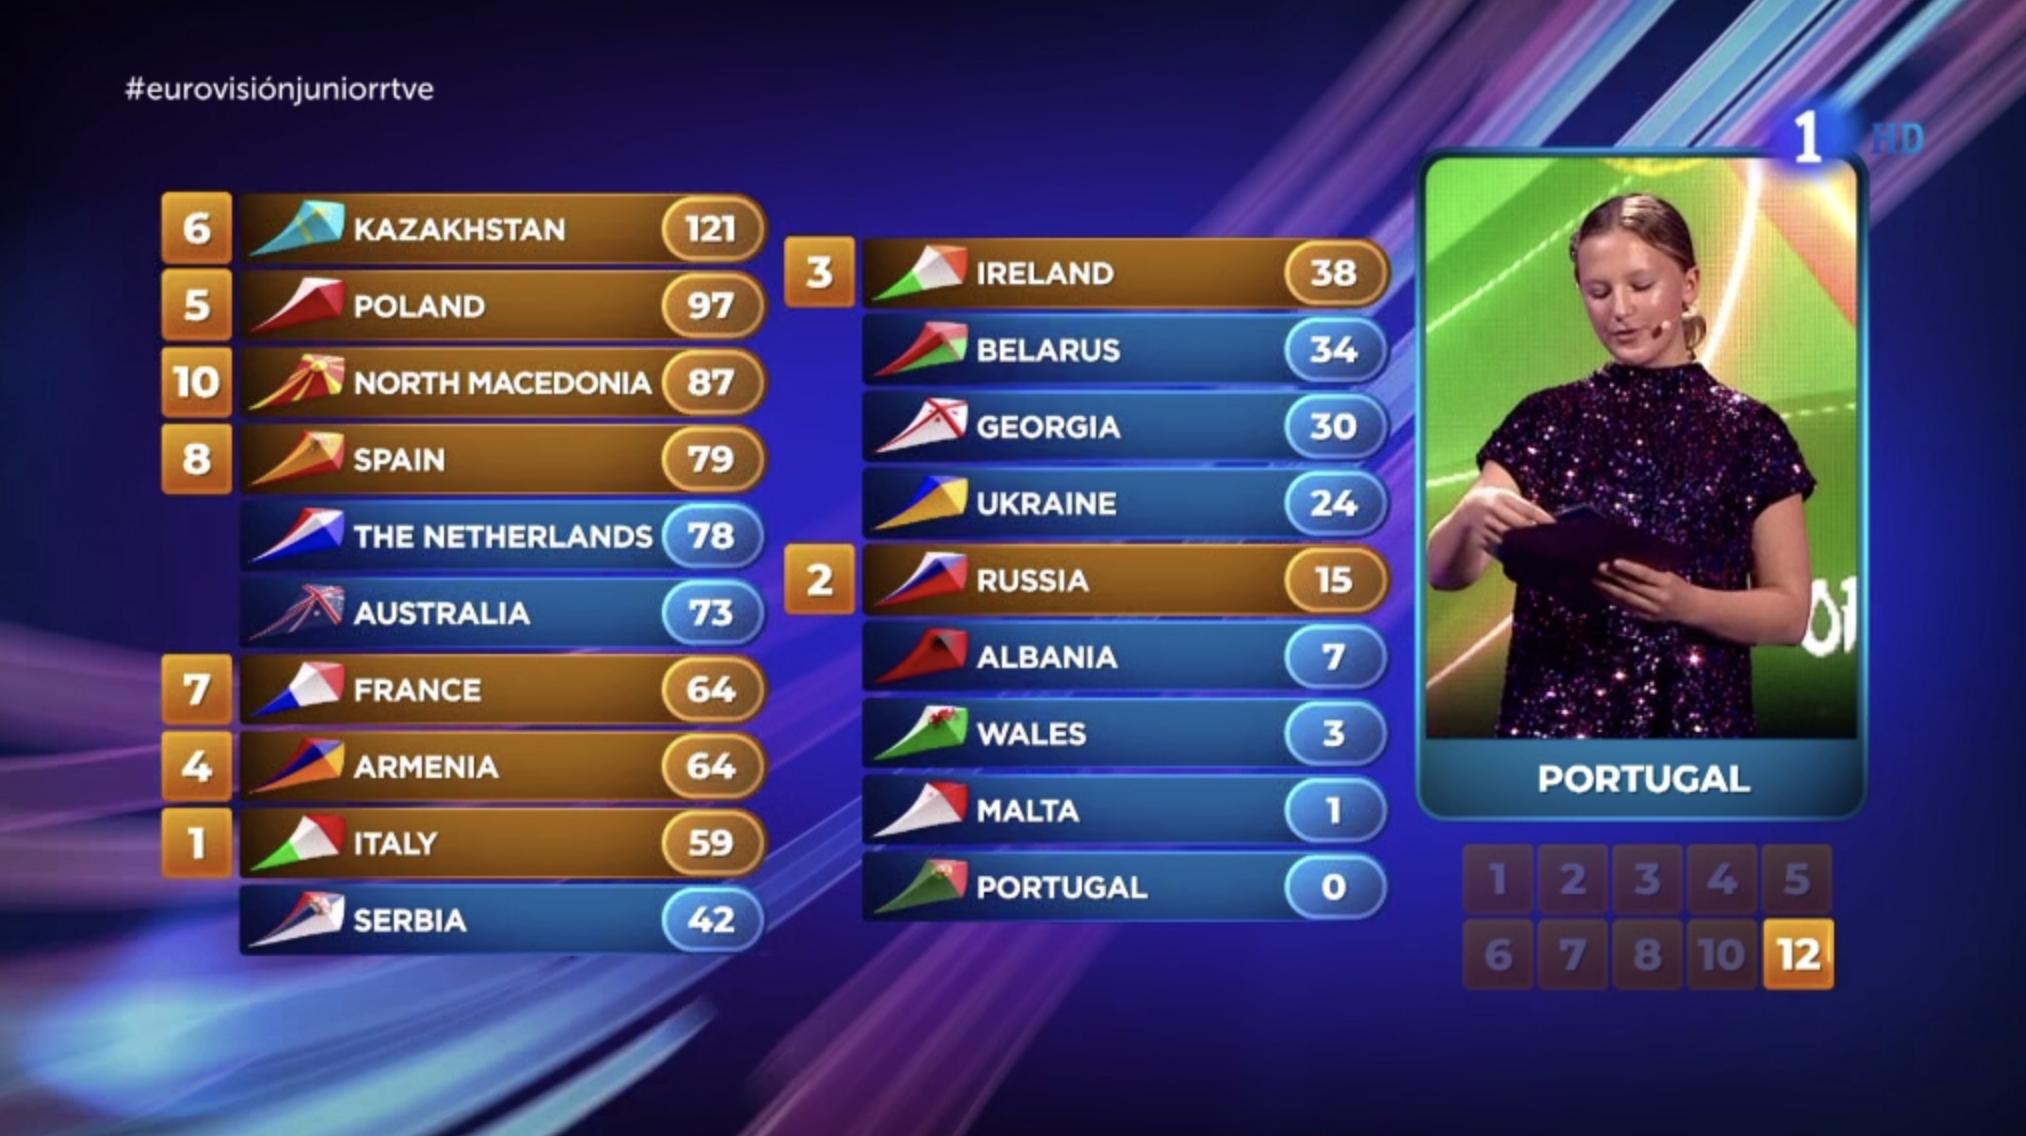 Portugal nos brinda ocho puntos en las votaciones